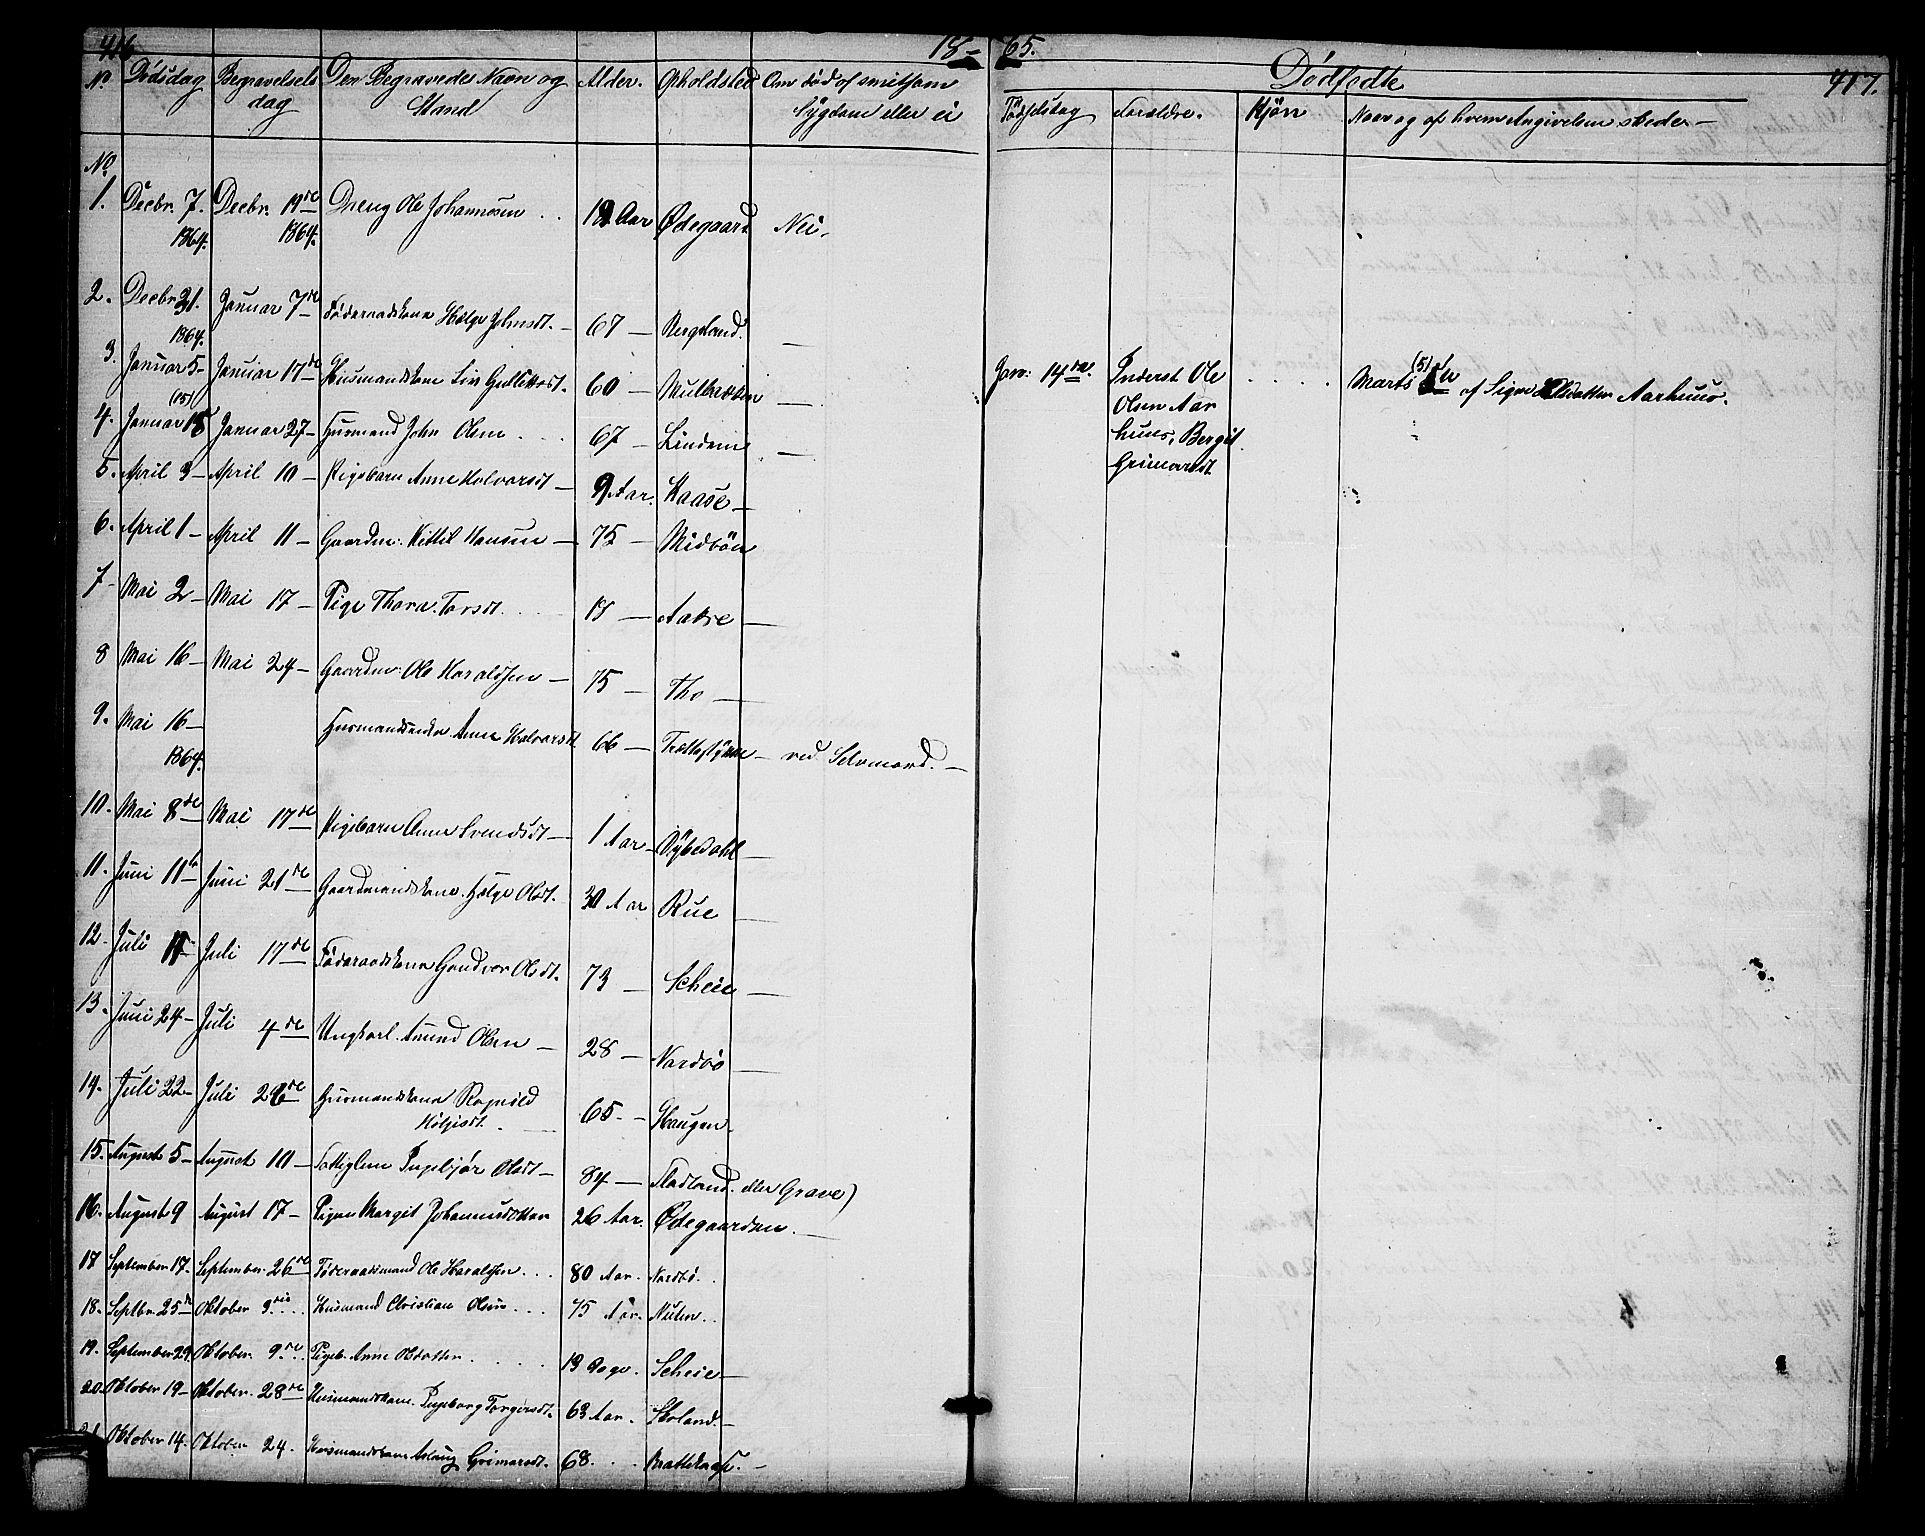 SAKO, Hjartdal kirkebøker, G/Ga/L0002: Klokkerbok nr. I 2, 1854-1888, s. 416-417